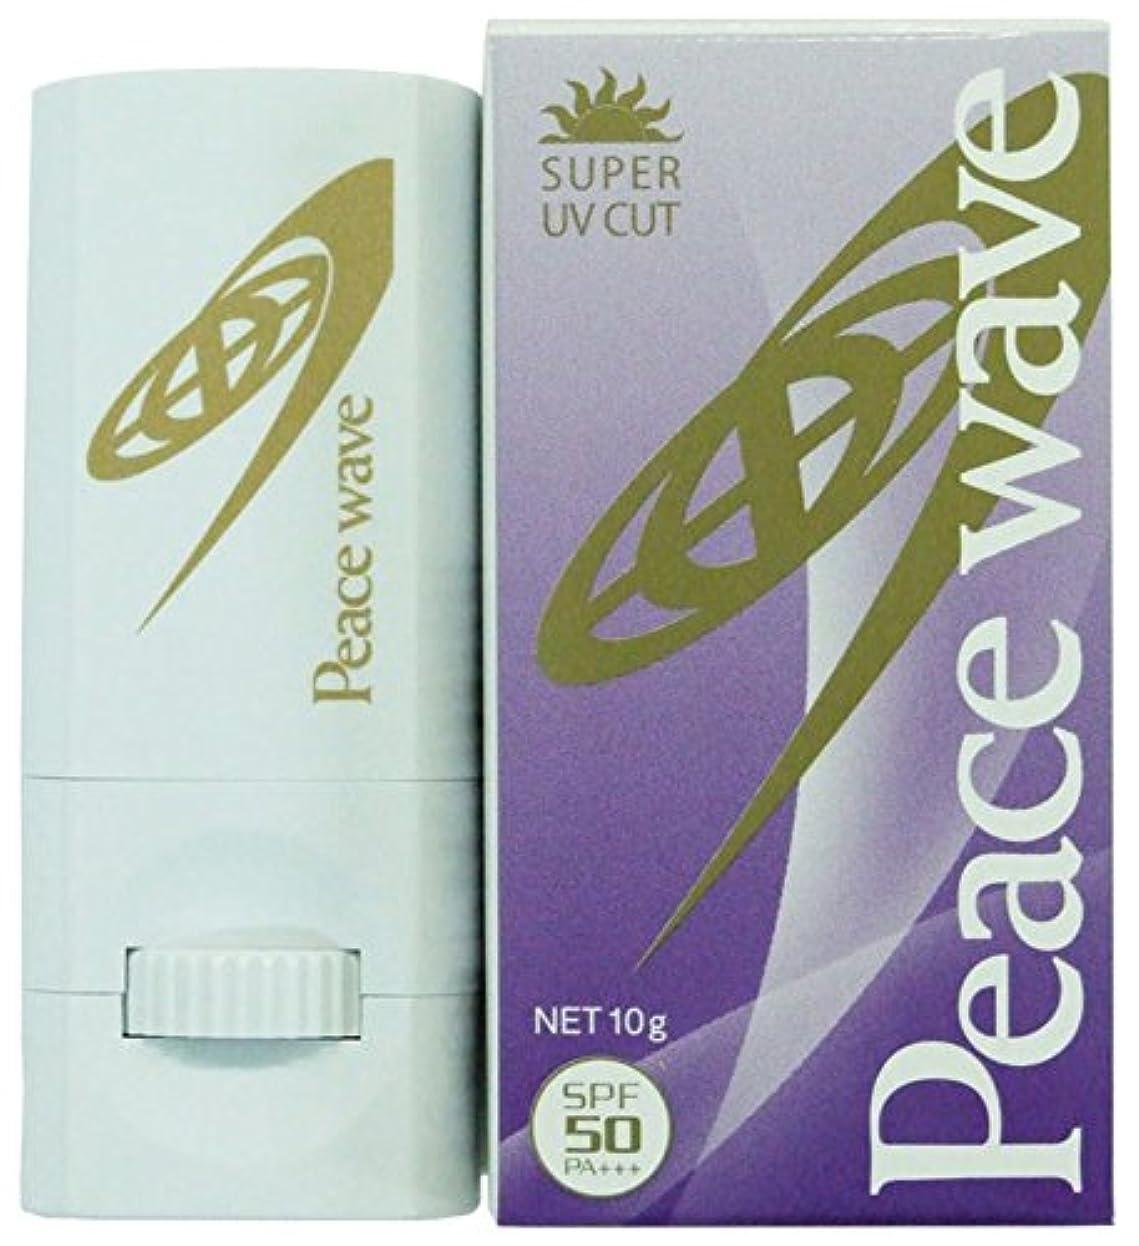 モールス信号バンガロー測定可能PEACE WAVE 日焼け止め UVフェイススティック SPF50 PA+++ ホワイト 10g 580250